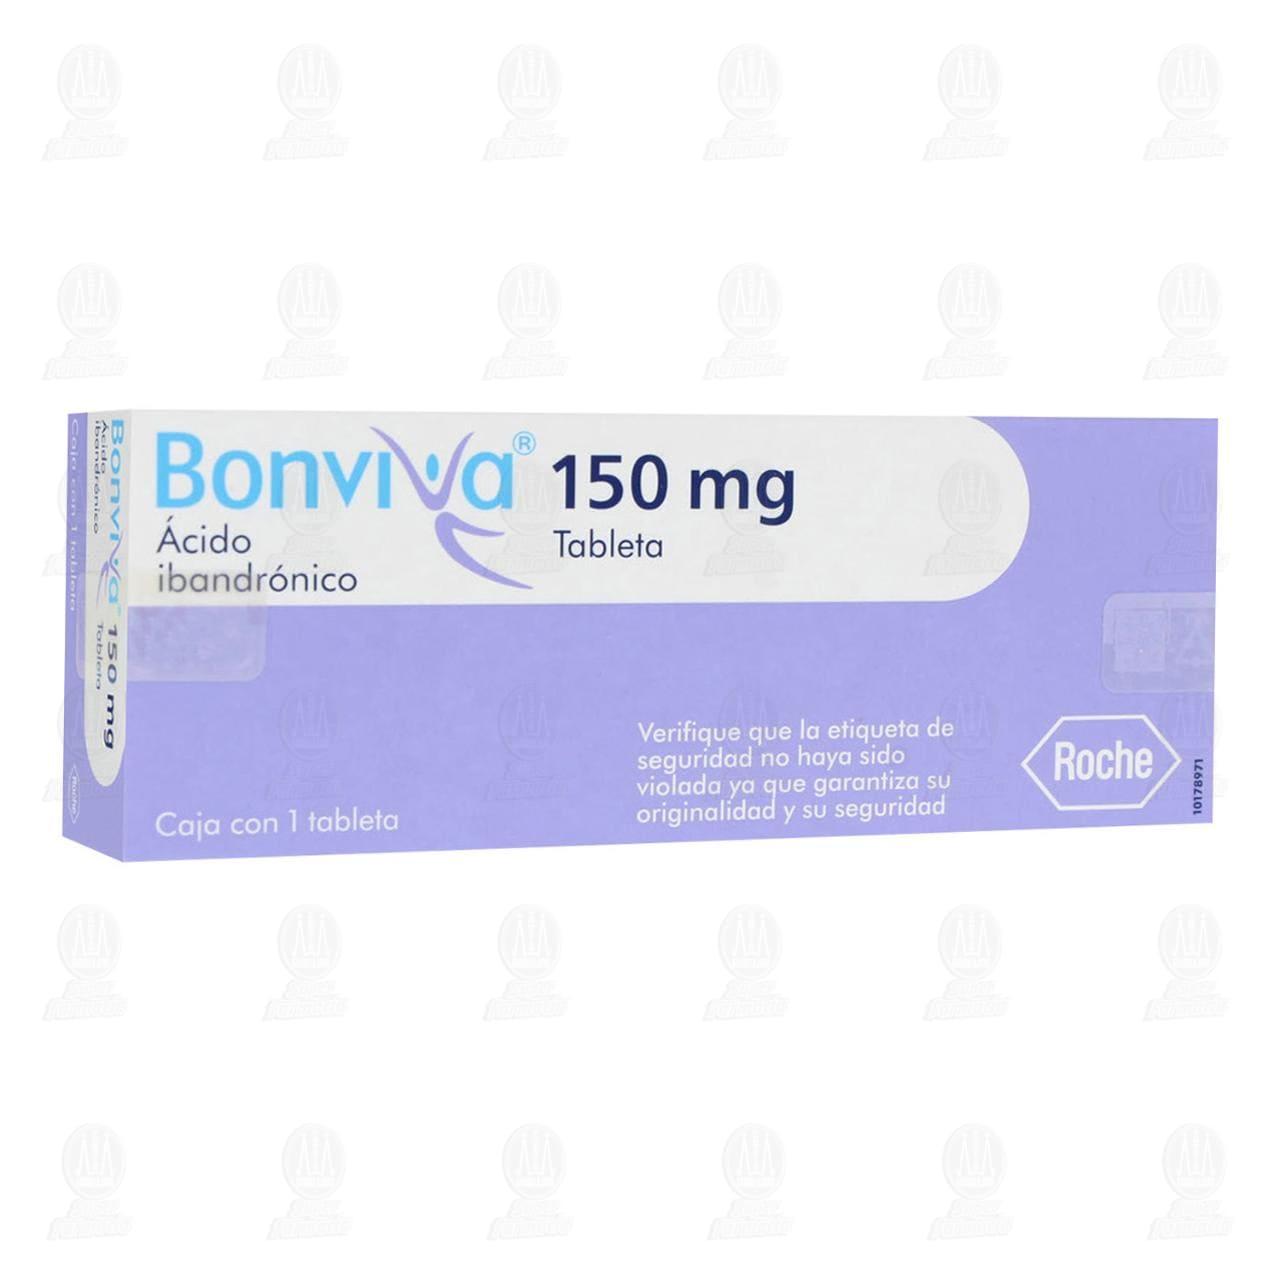 Bonviva 150mg con 1 Comprimido